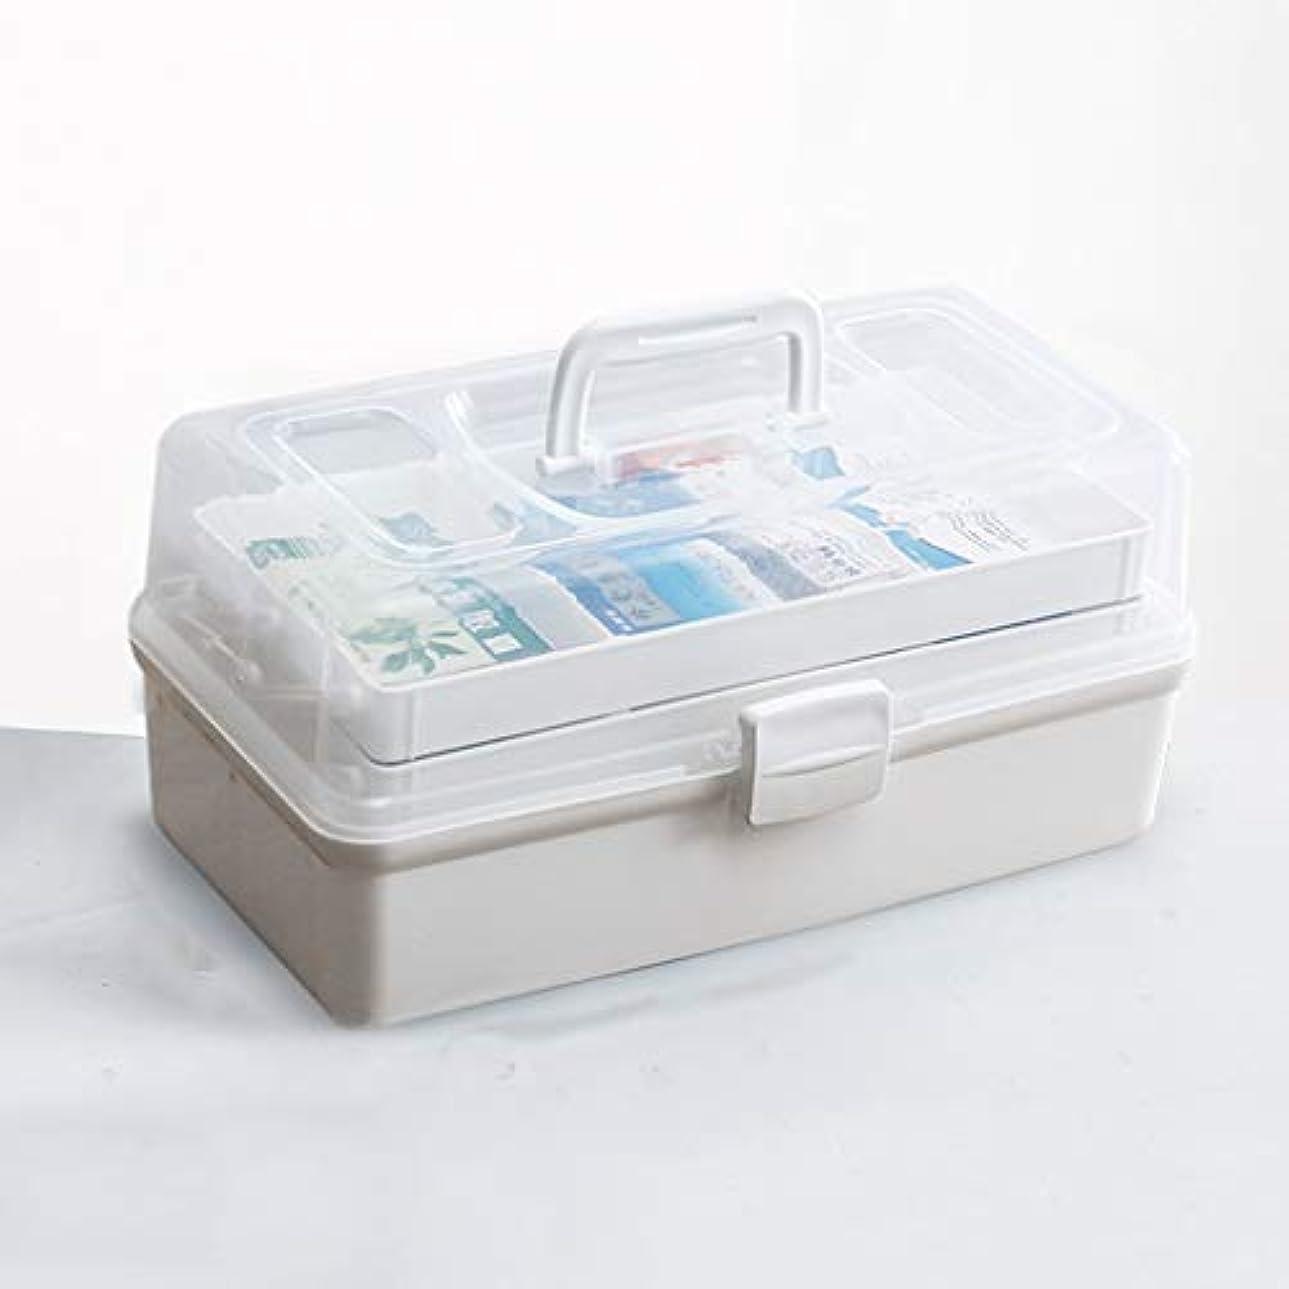 黒くするギャラリー部族薬箱家庭用三層大容量医療薬収納ボックスポータブルデザイン調節可能パーティションブルー、ホワイト37×19×18 cm SYFO (Color : White)